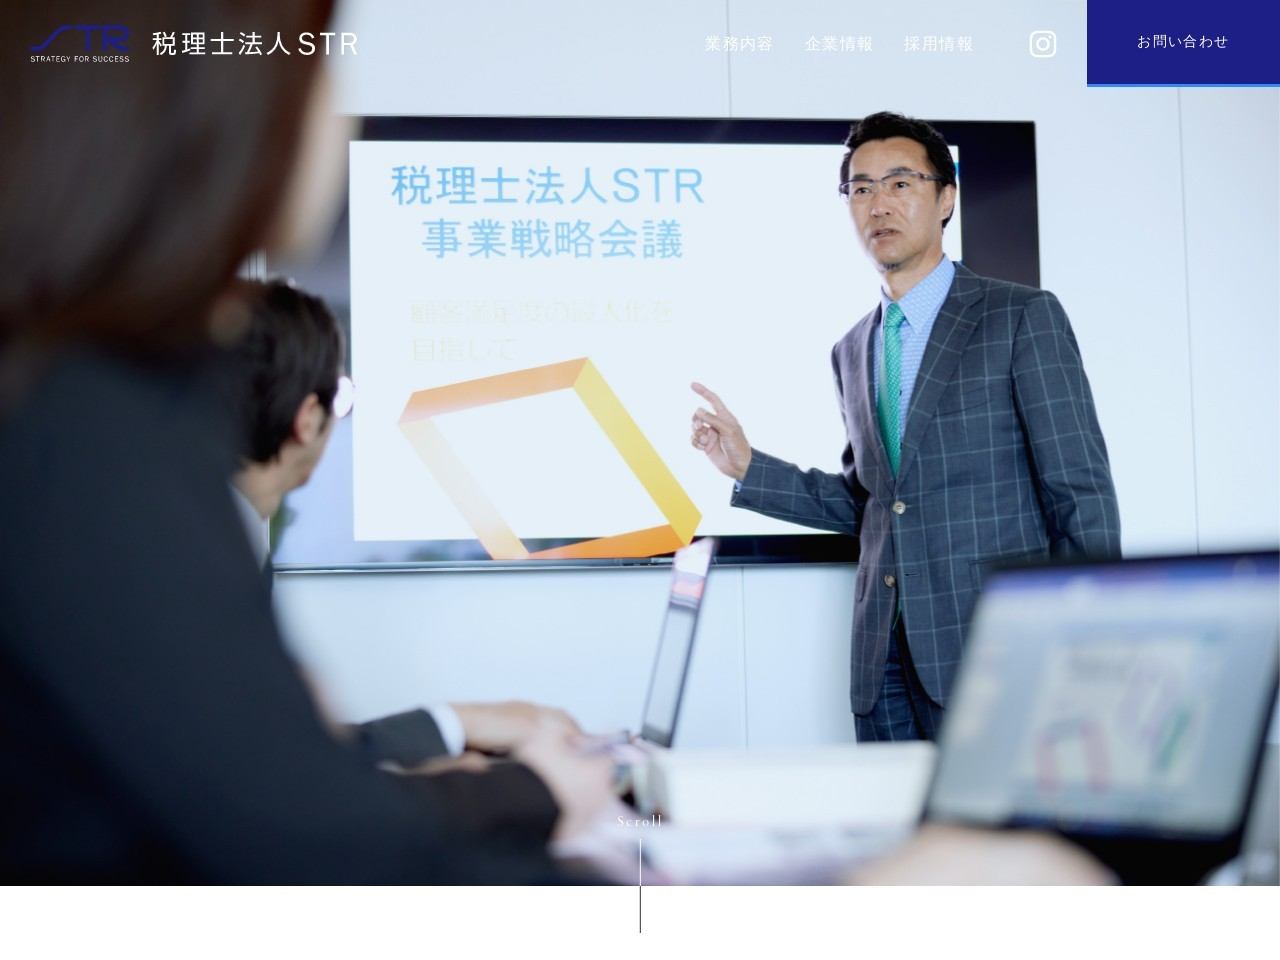 オグリ(税理士法人)